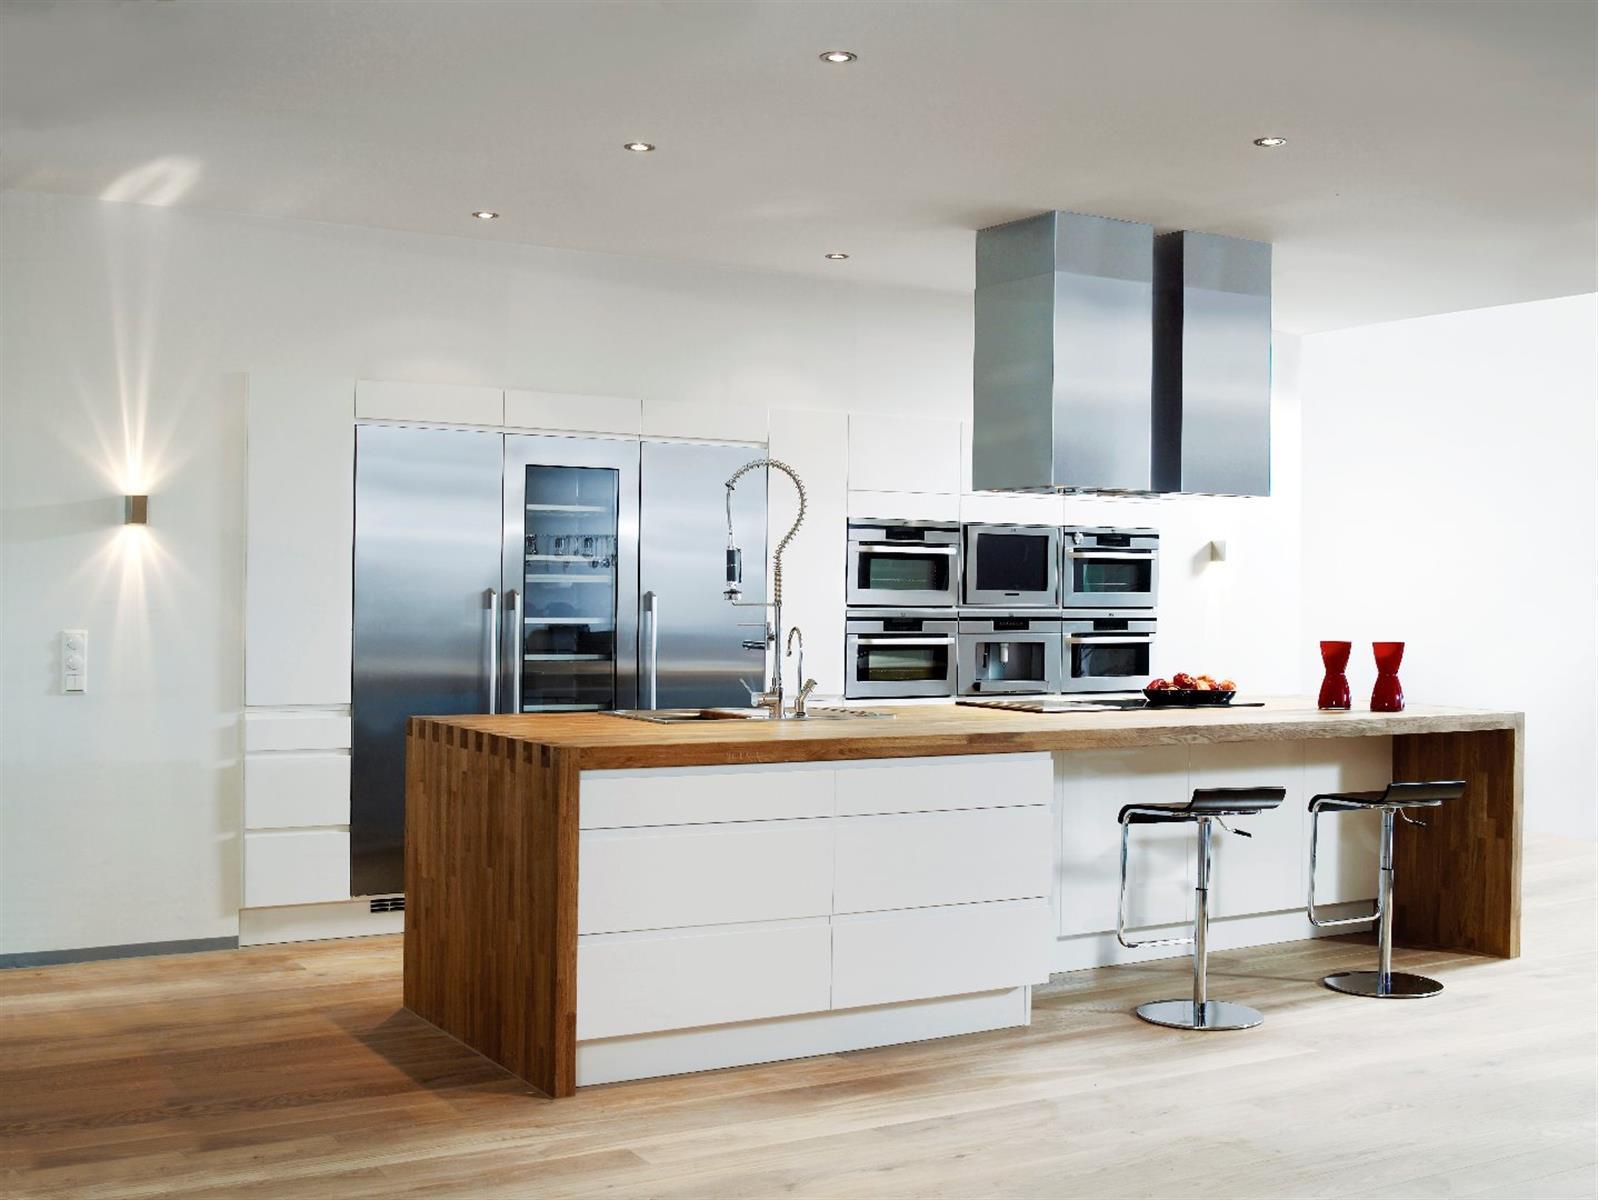 Kjøkken hvit